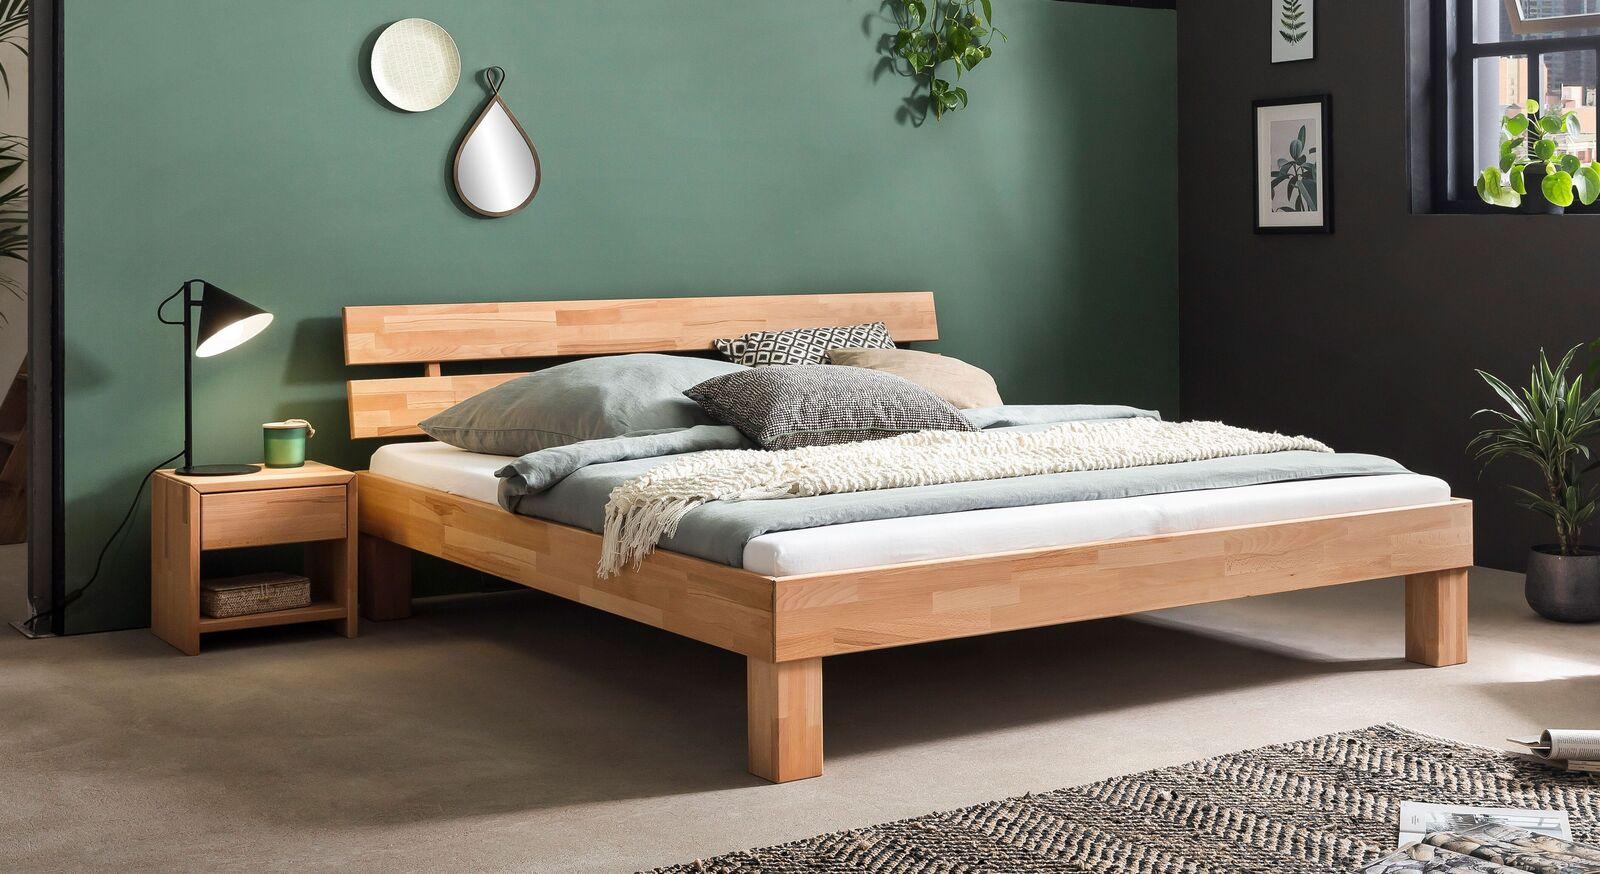 Bett Kasseris mit passendem Nachttisch